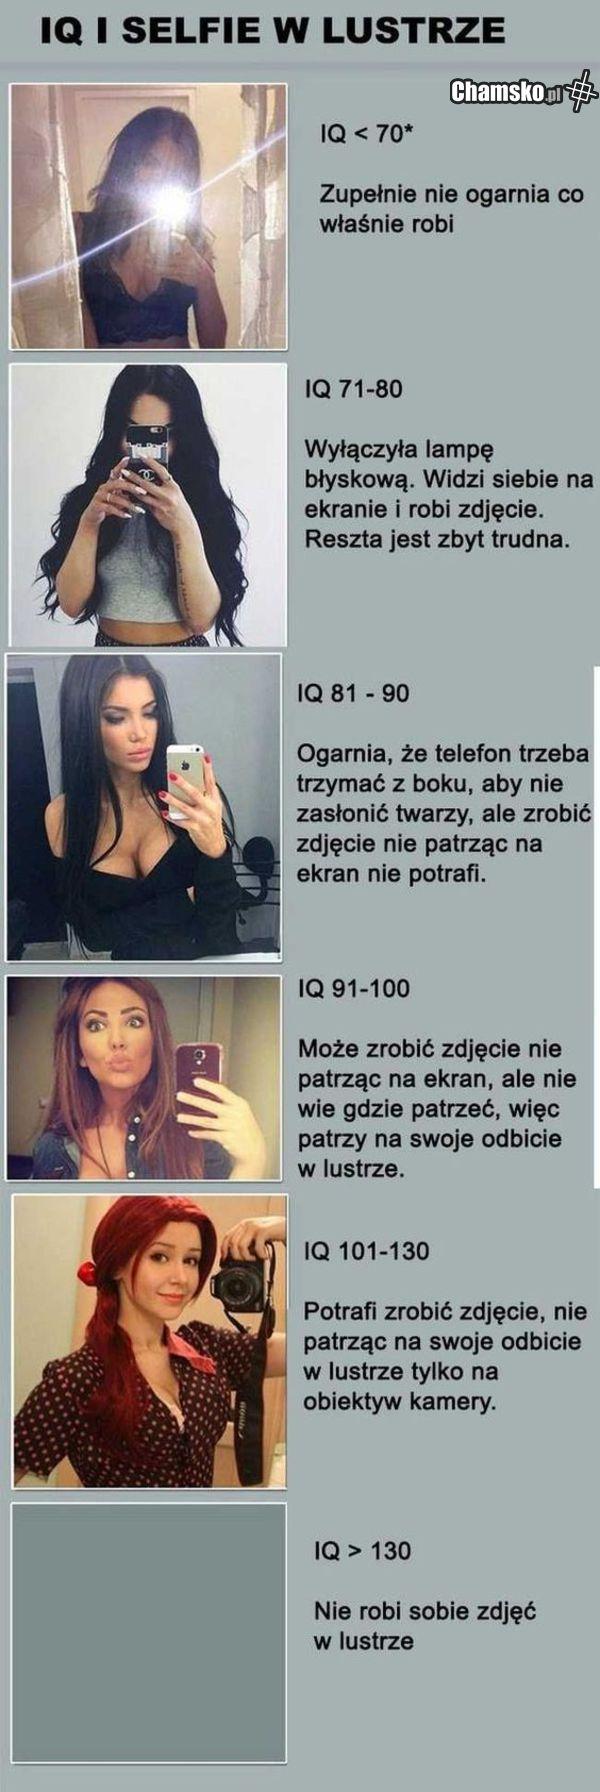 IQ selfie